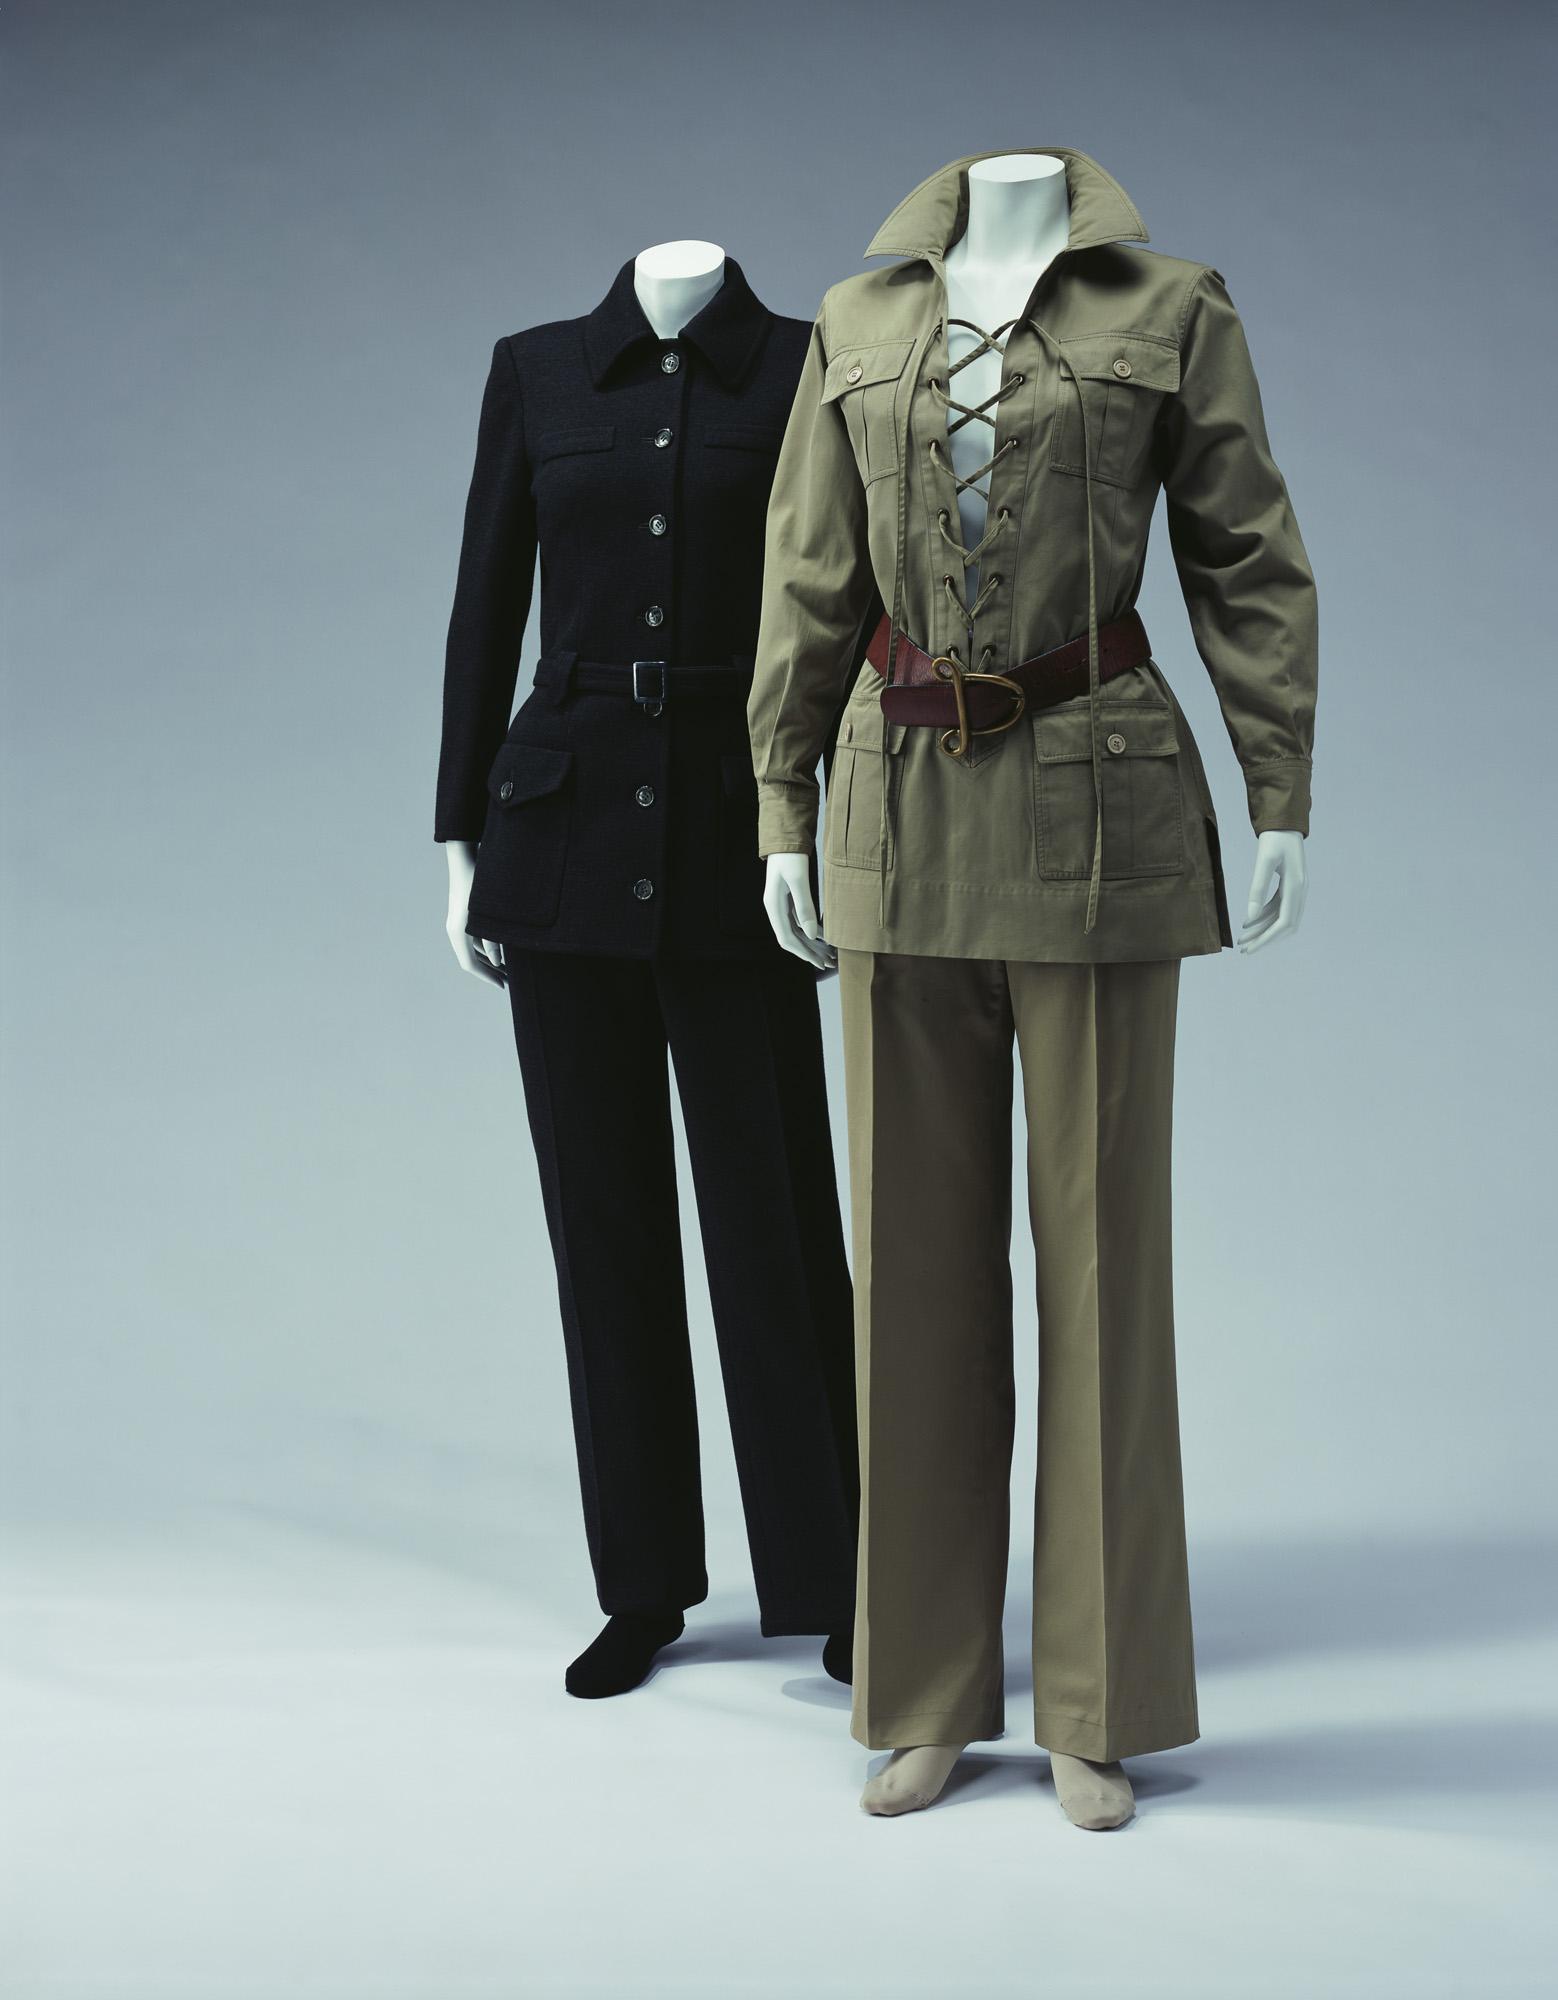 パンツ・スーツ「シティ・パンツ」[左] サファリ・スーツ[右]